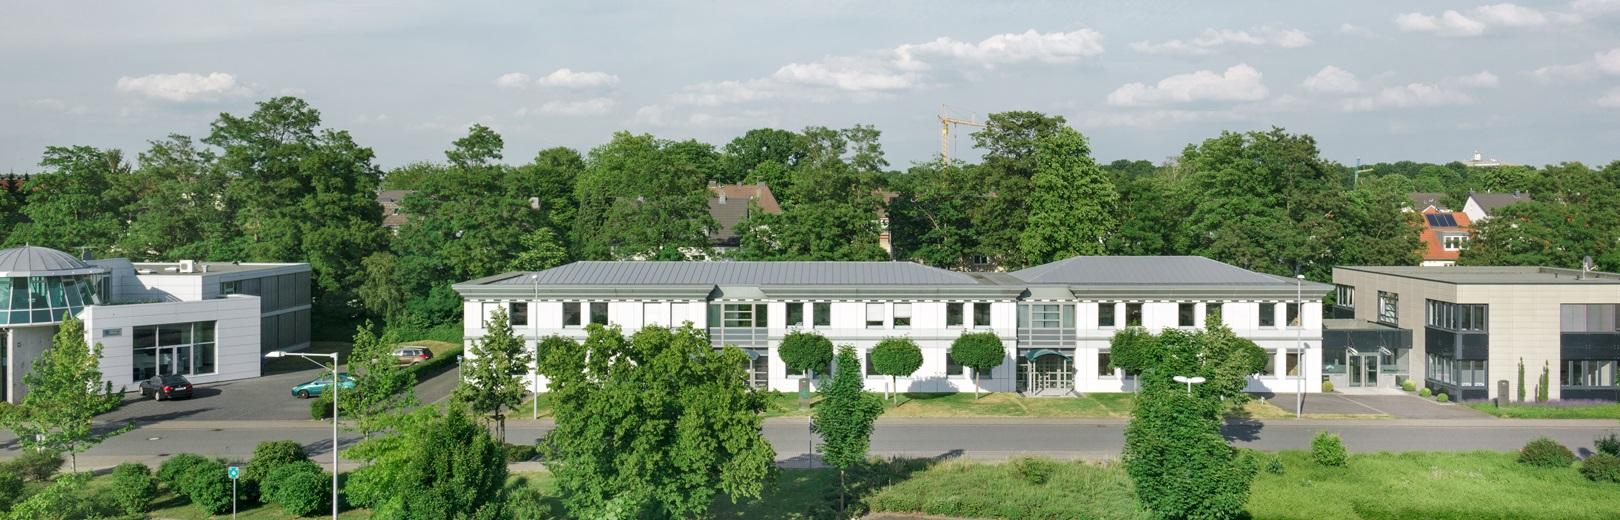 Innovationspark Leverkusen Grundflächen